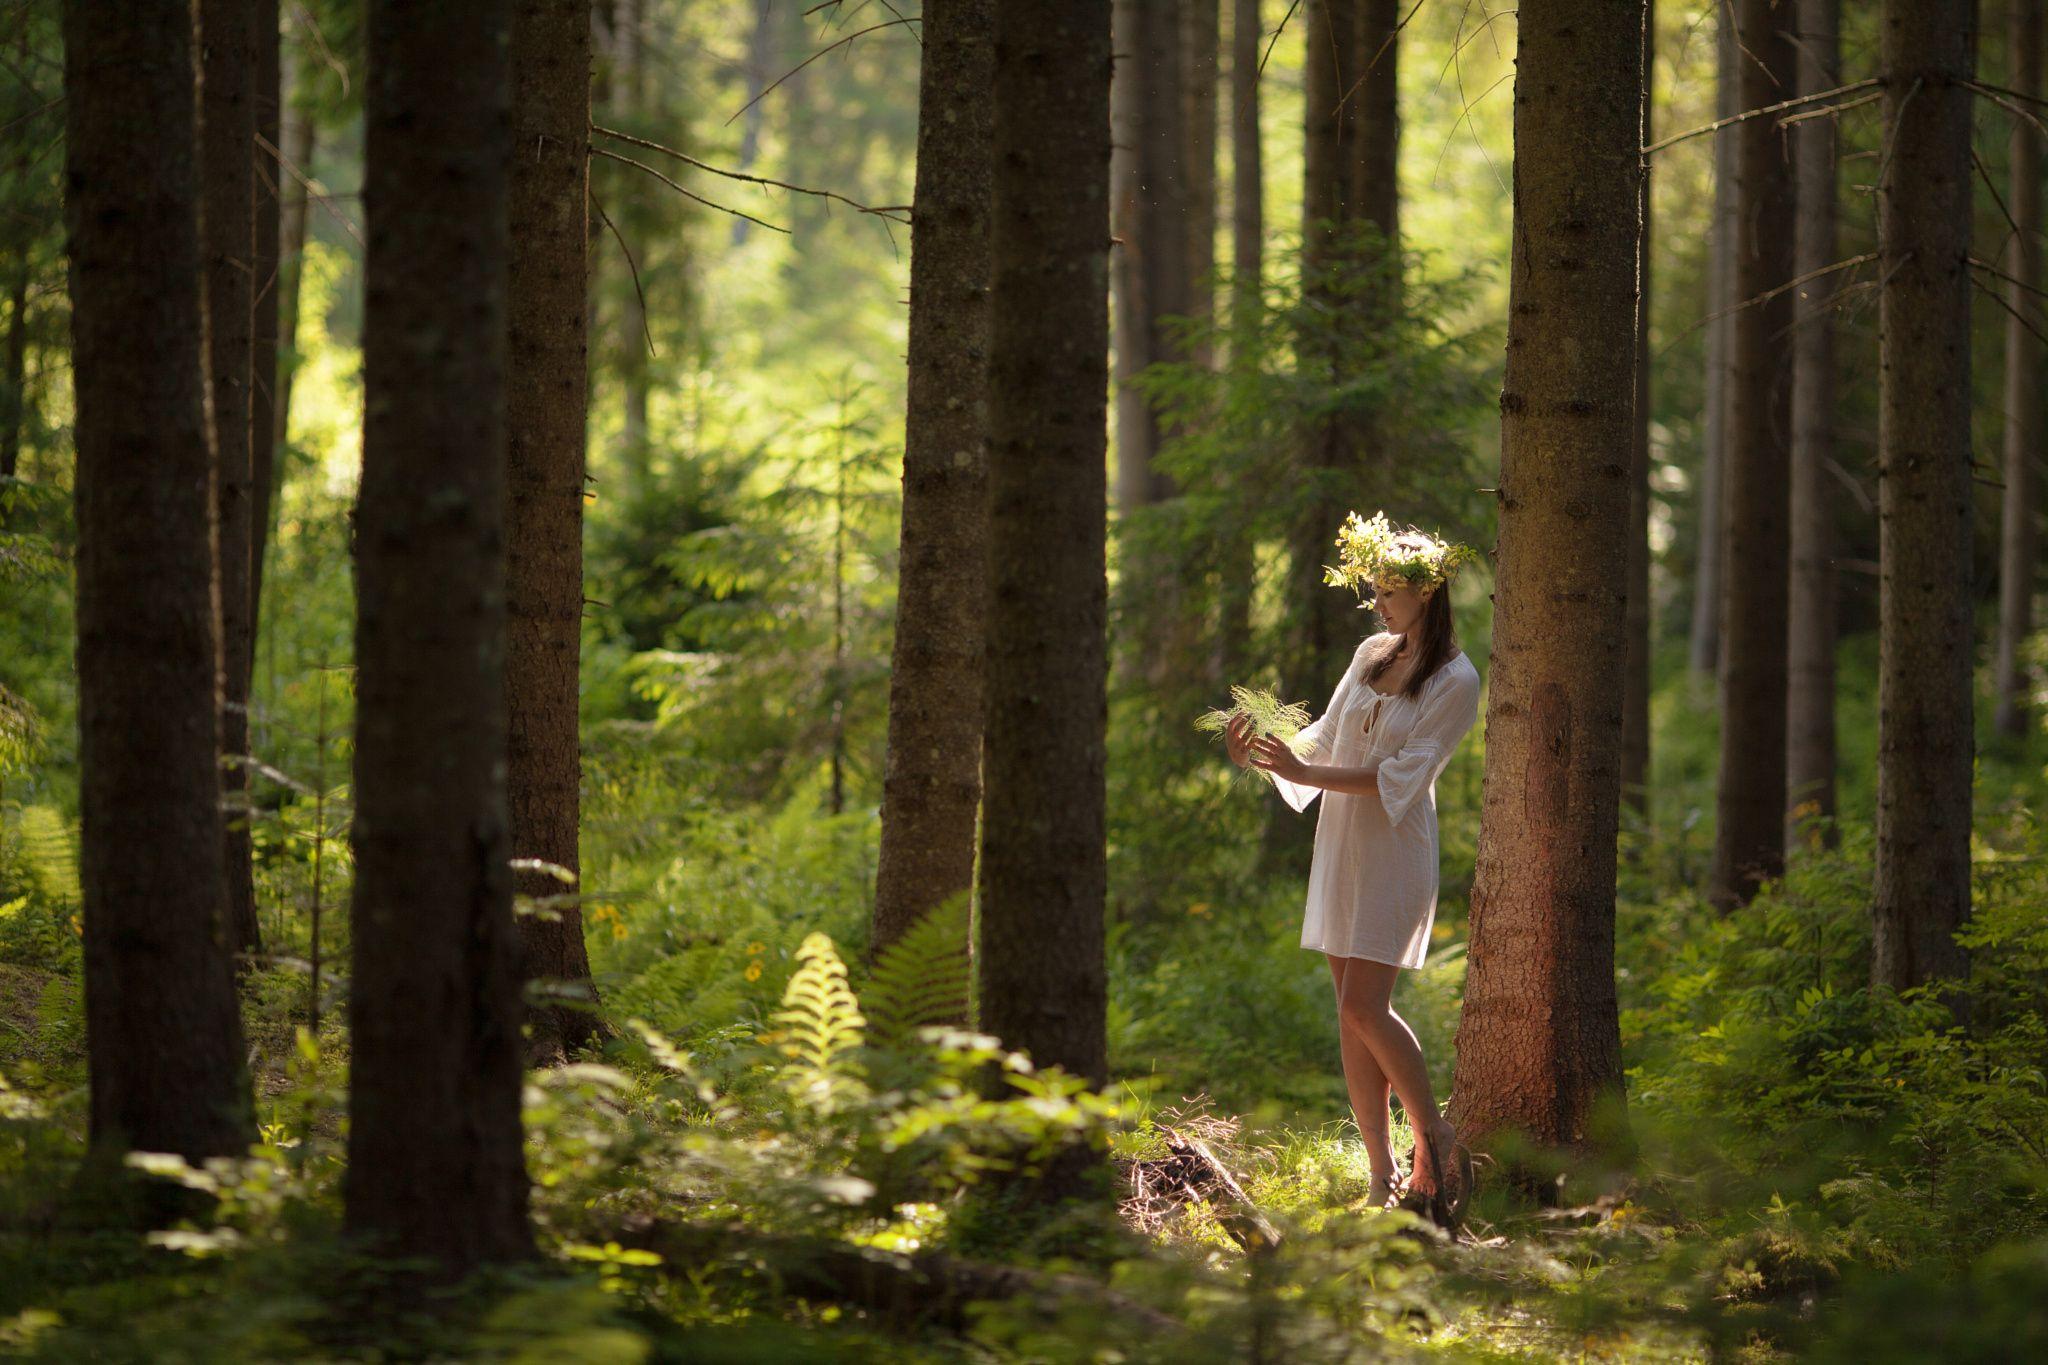 Лес в картинках для женщин